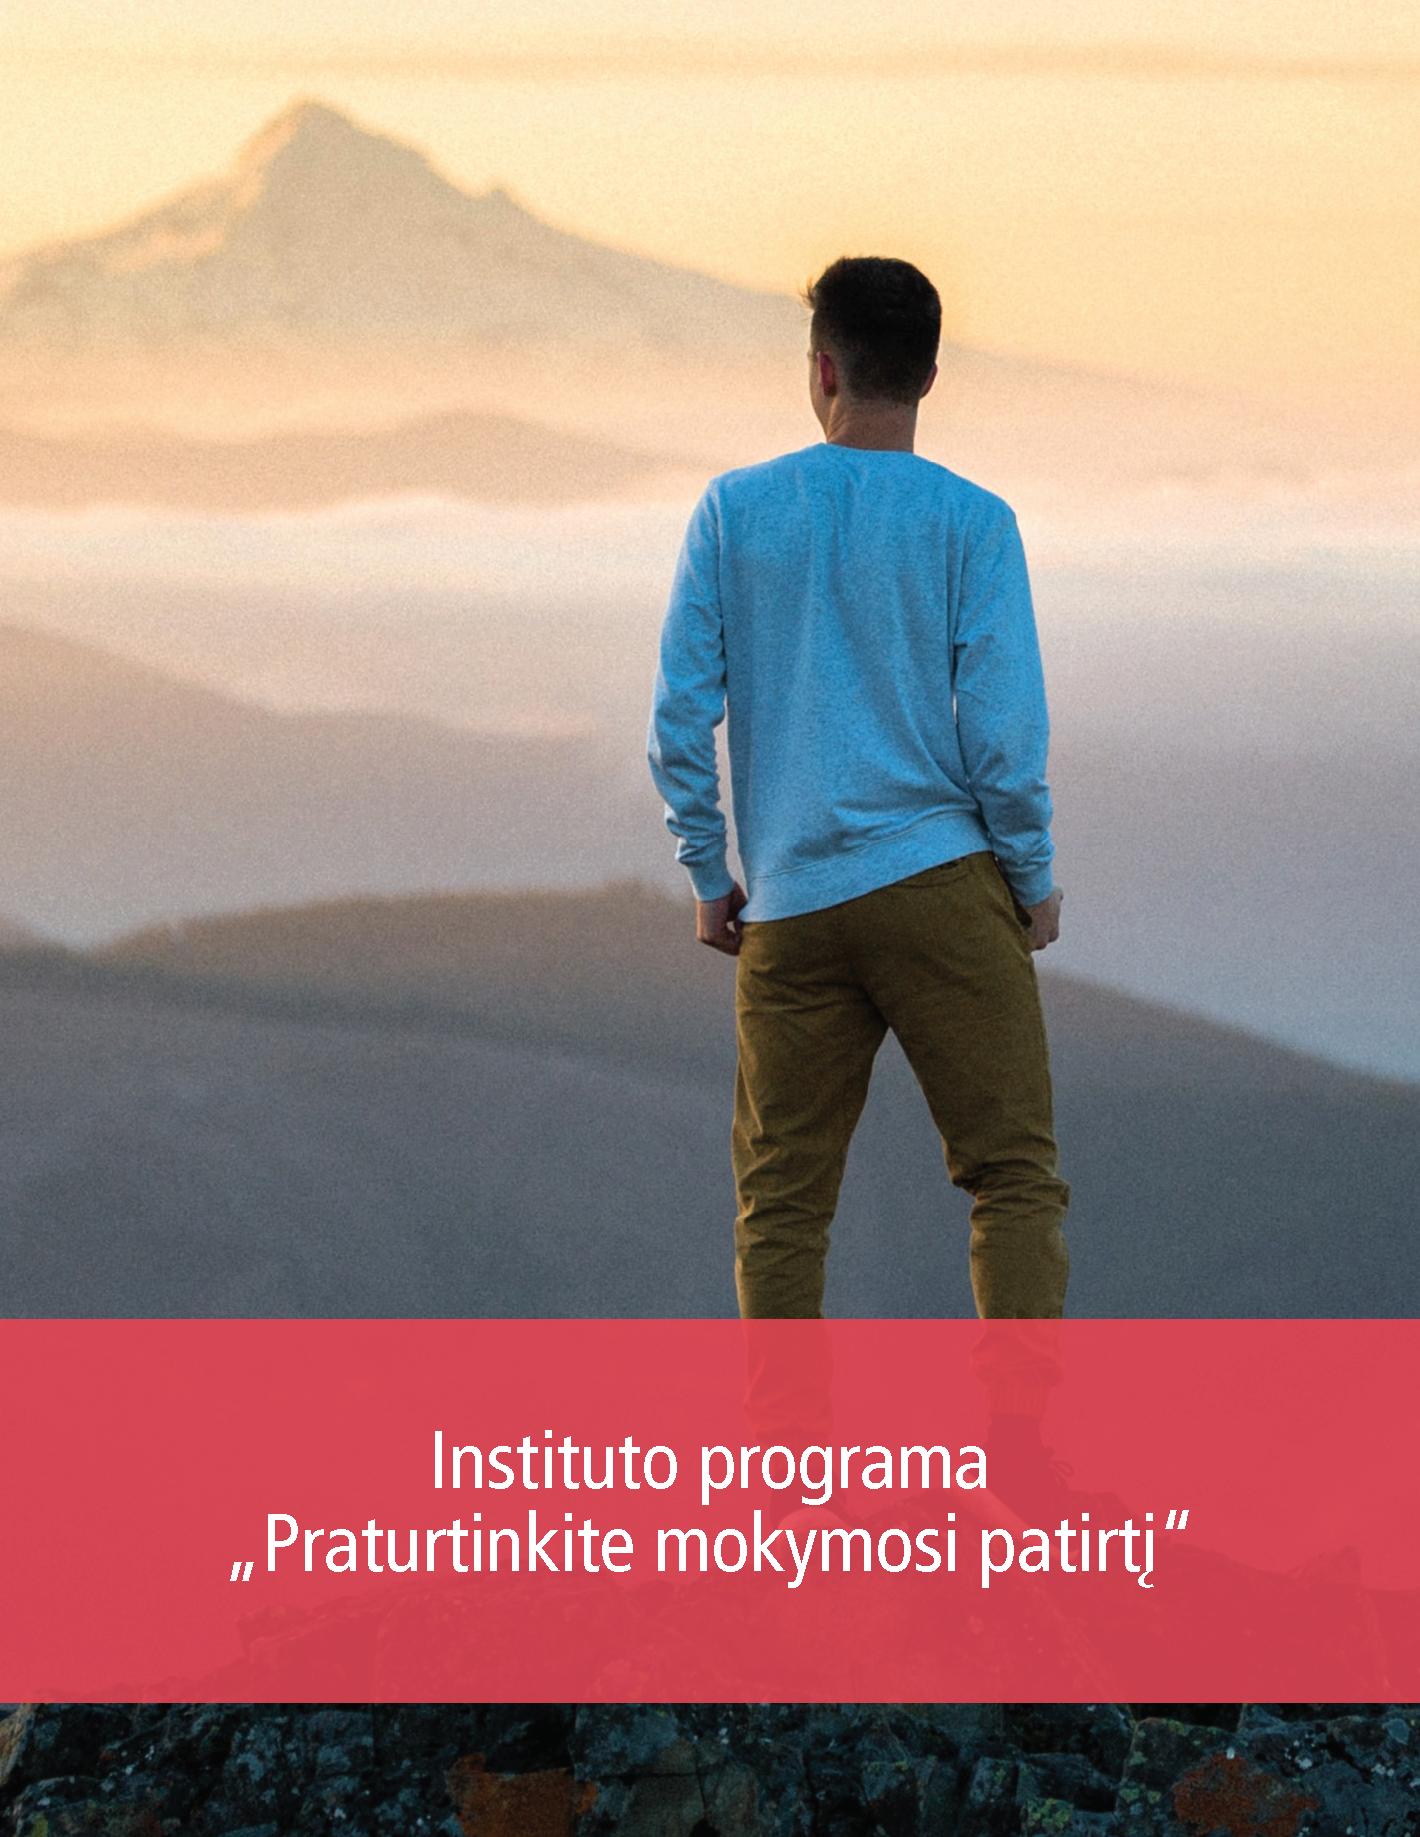 """Instituto programa """"Praturtinkite mokymosi patirtį"""""""